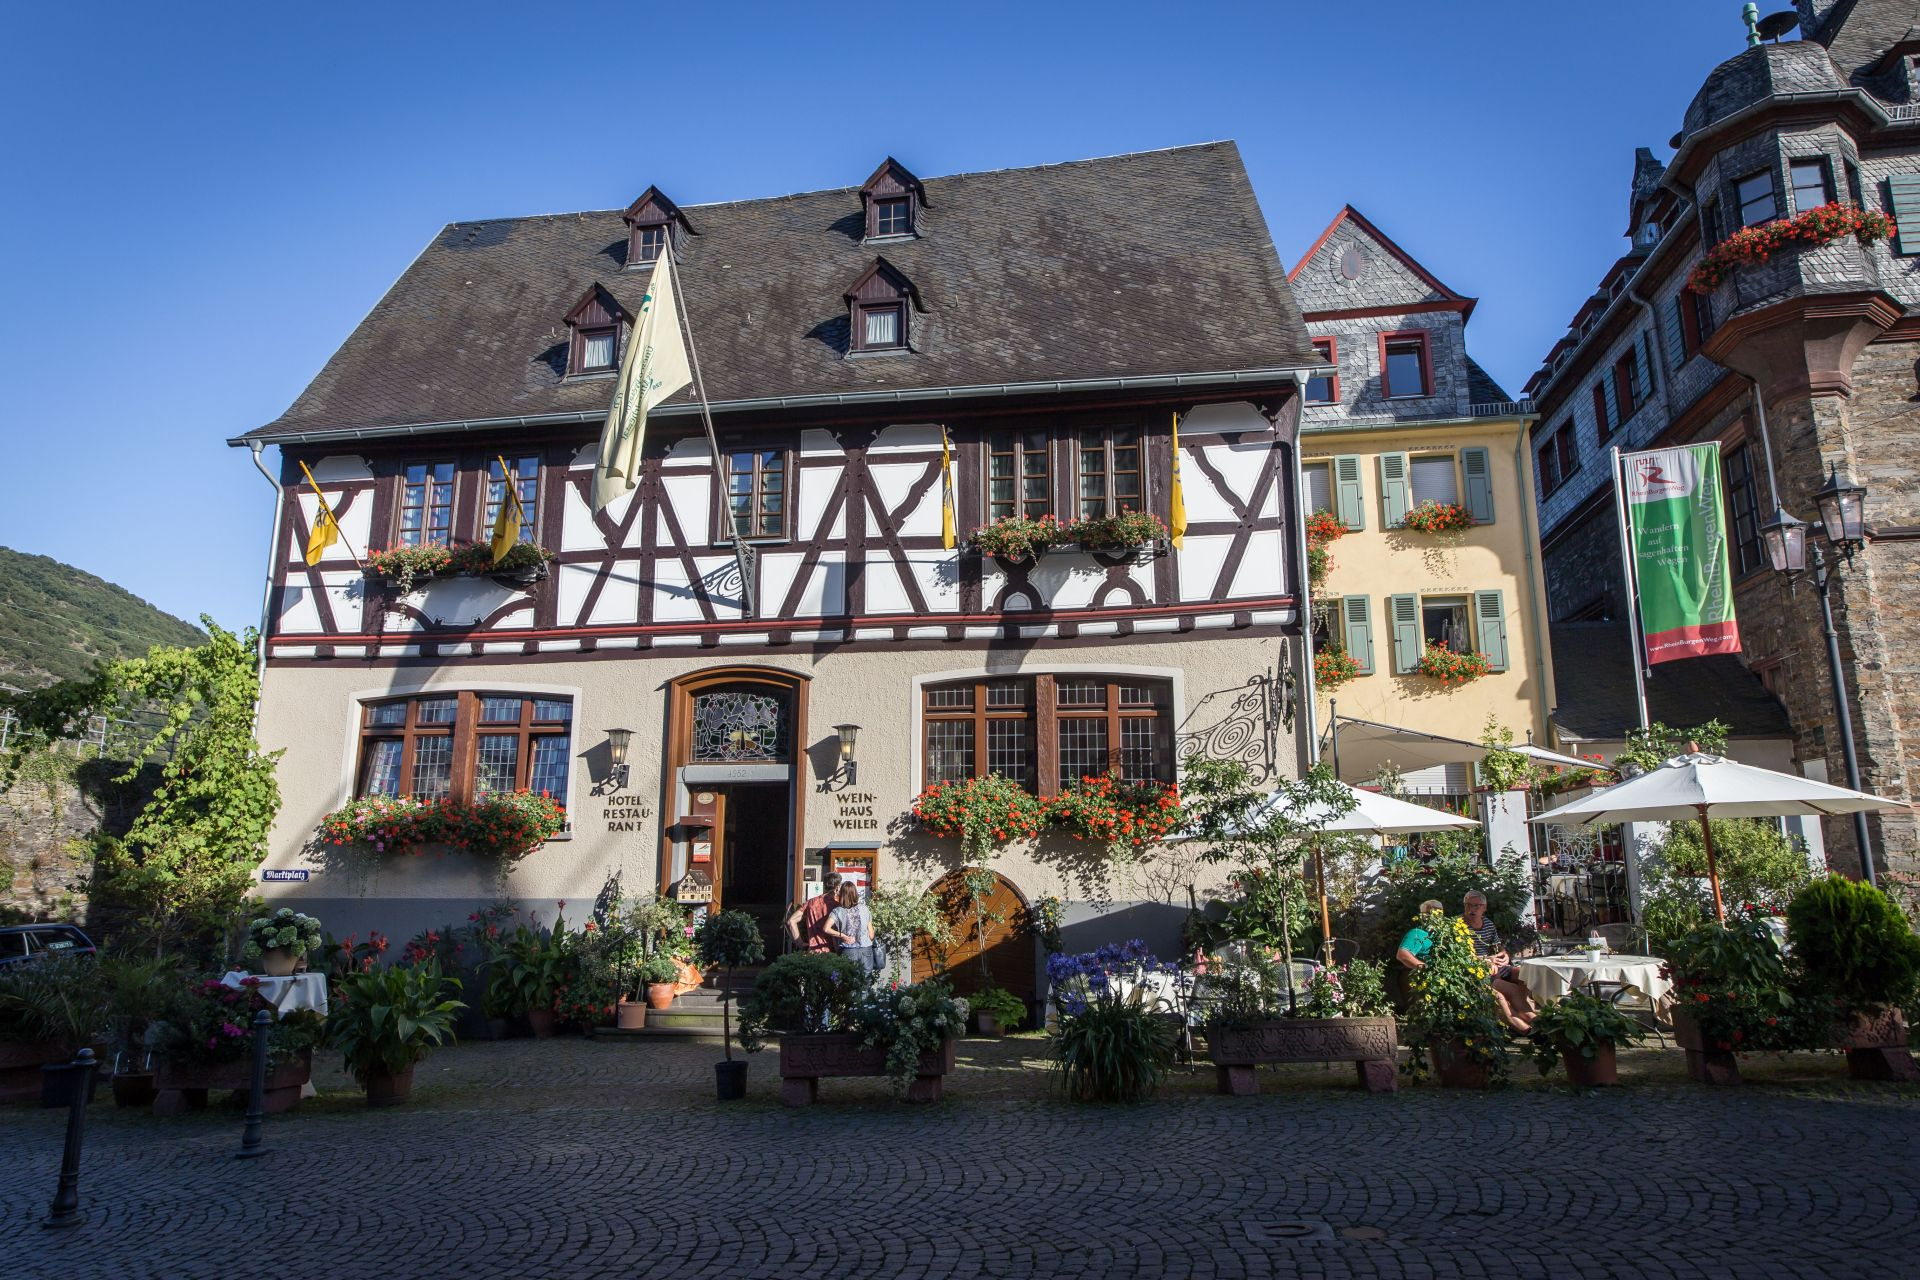 hotel_restaurant_weinhaus_weiler_oberwesel_1920-68